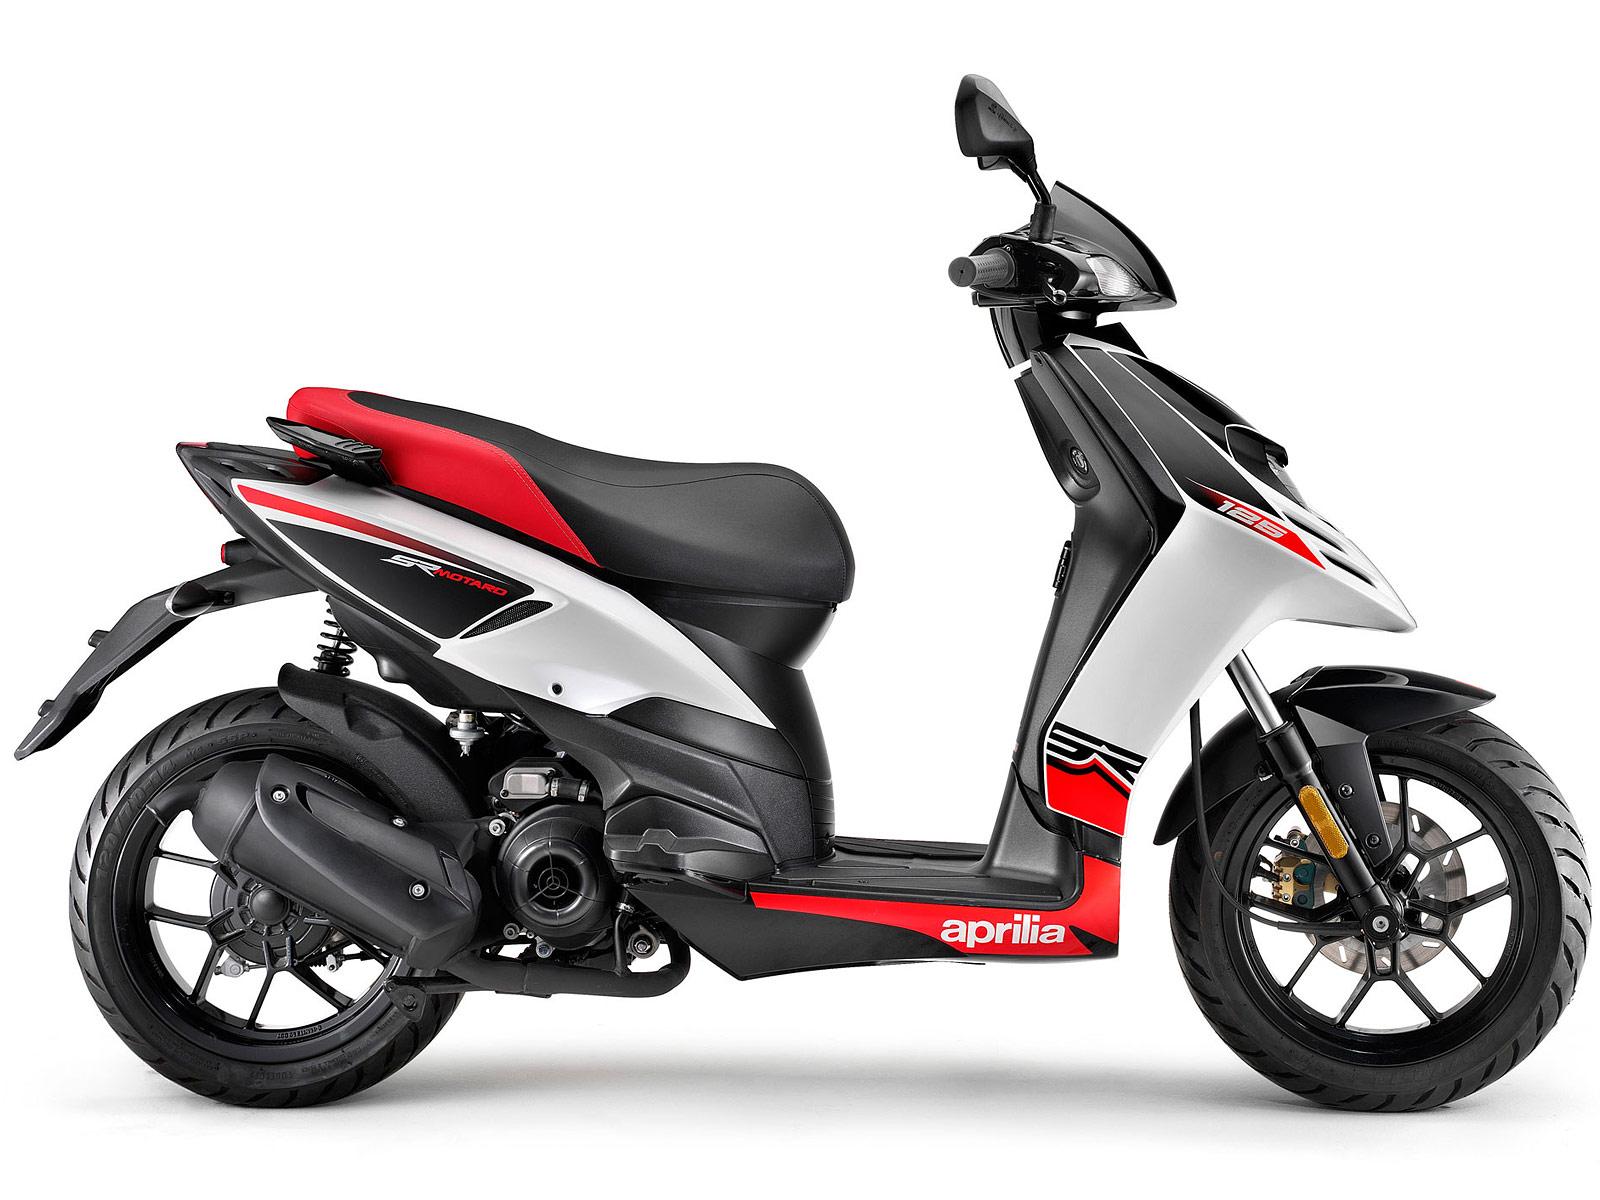 2012 scooter pictures aprilia sr motard 125 insurance information. Black Bedroom Furniture Sets. Home Design Ideas